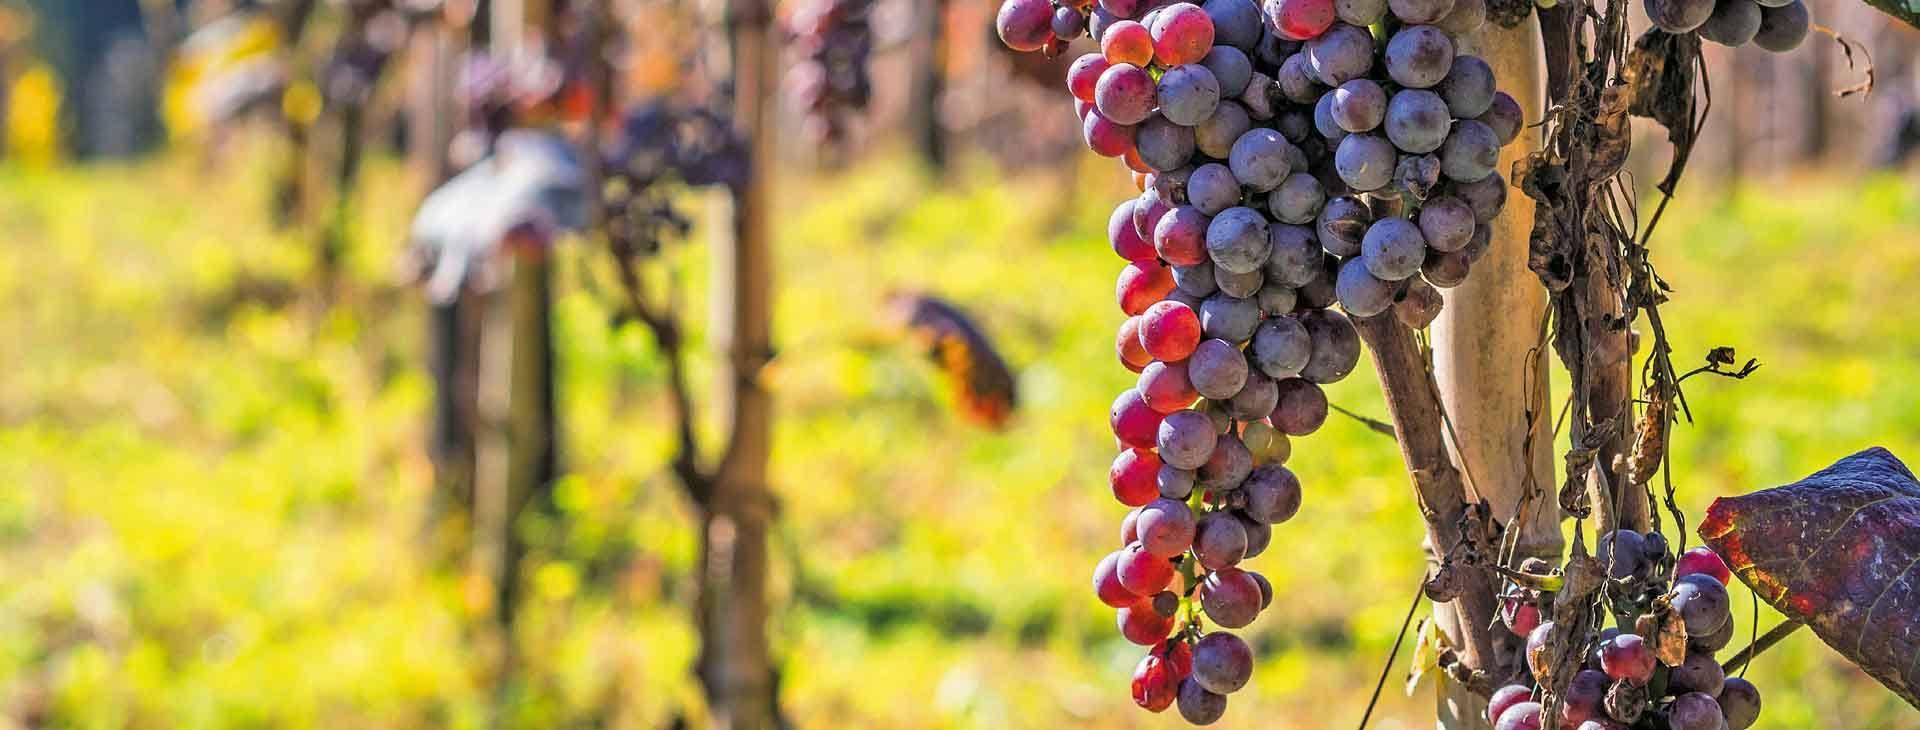 Gruzja - kraina wina